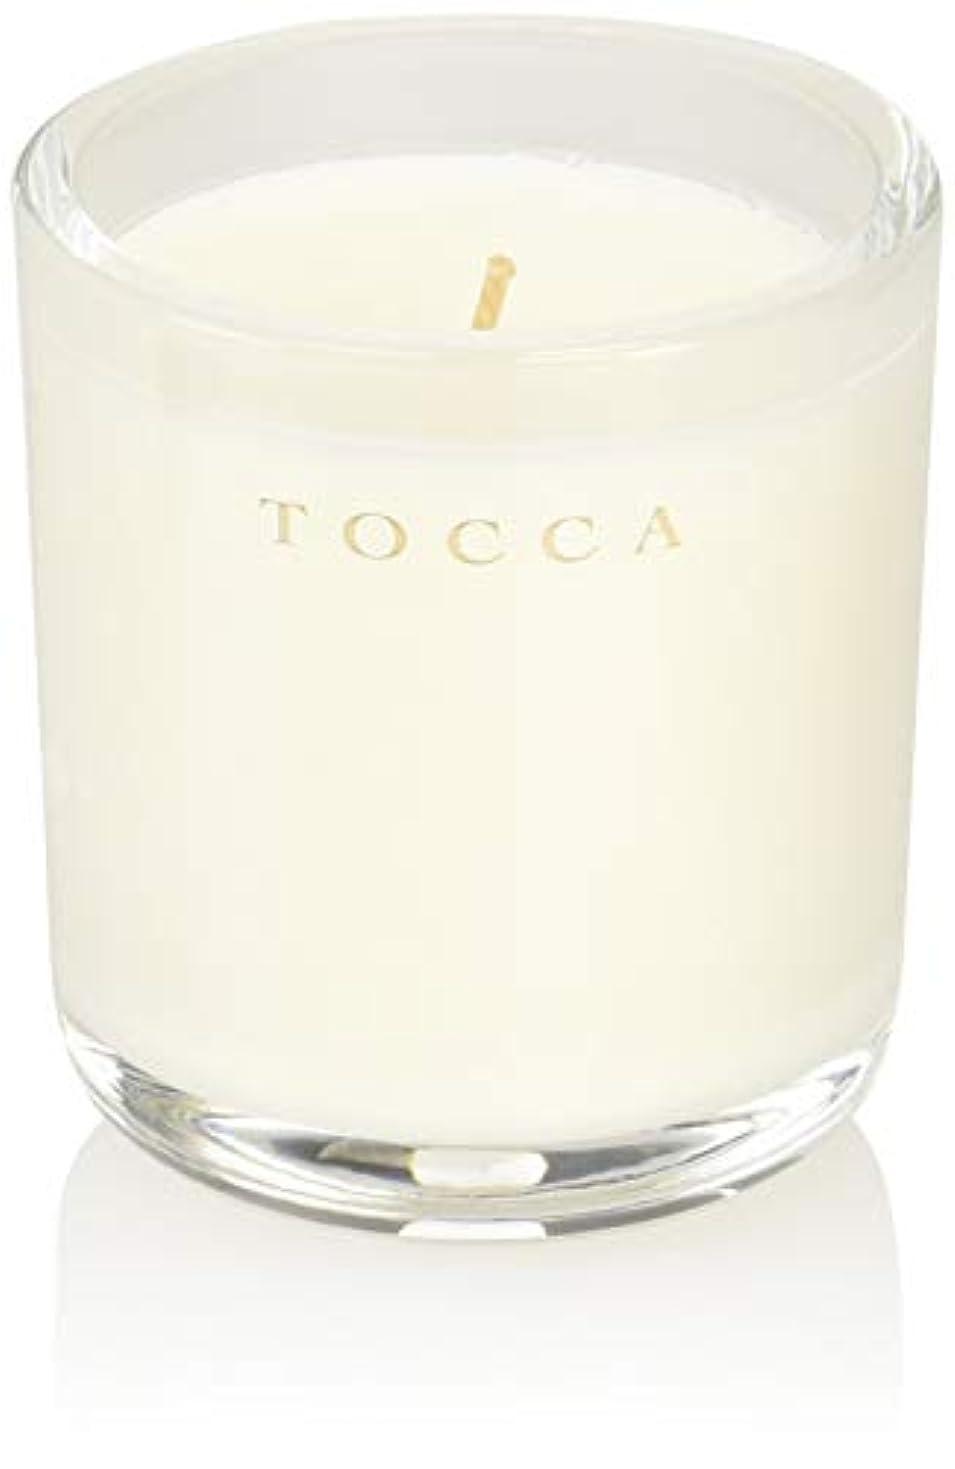 勝利した入浴細分化するTOCCA(トッカ) ボヤージュ キャンデリーナ ボラボラ 85g (ろうそく 芳香 バニラとジャスミンの甘く柔らかな香り)